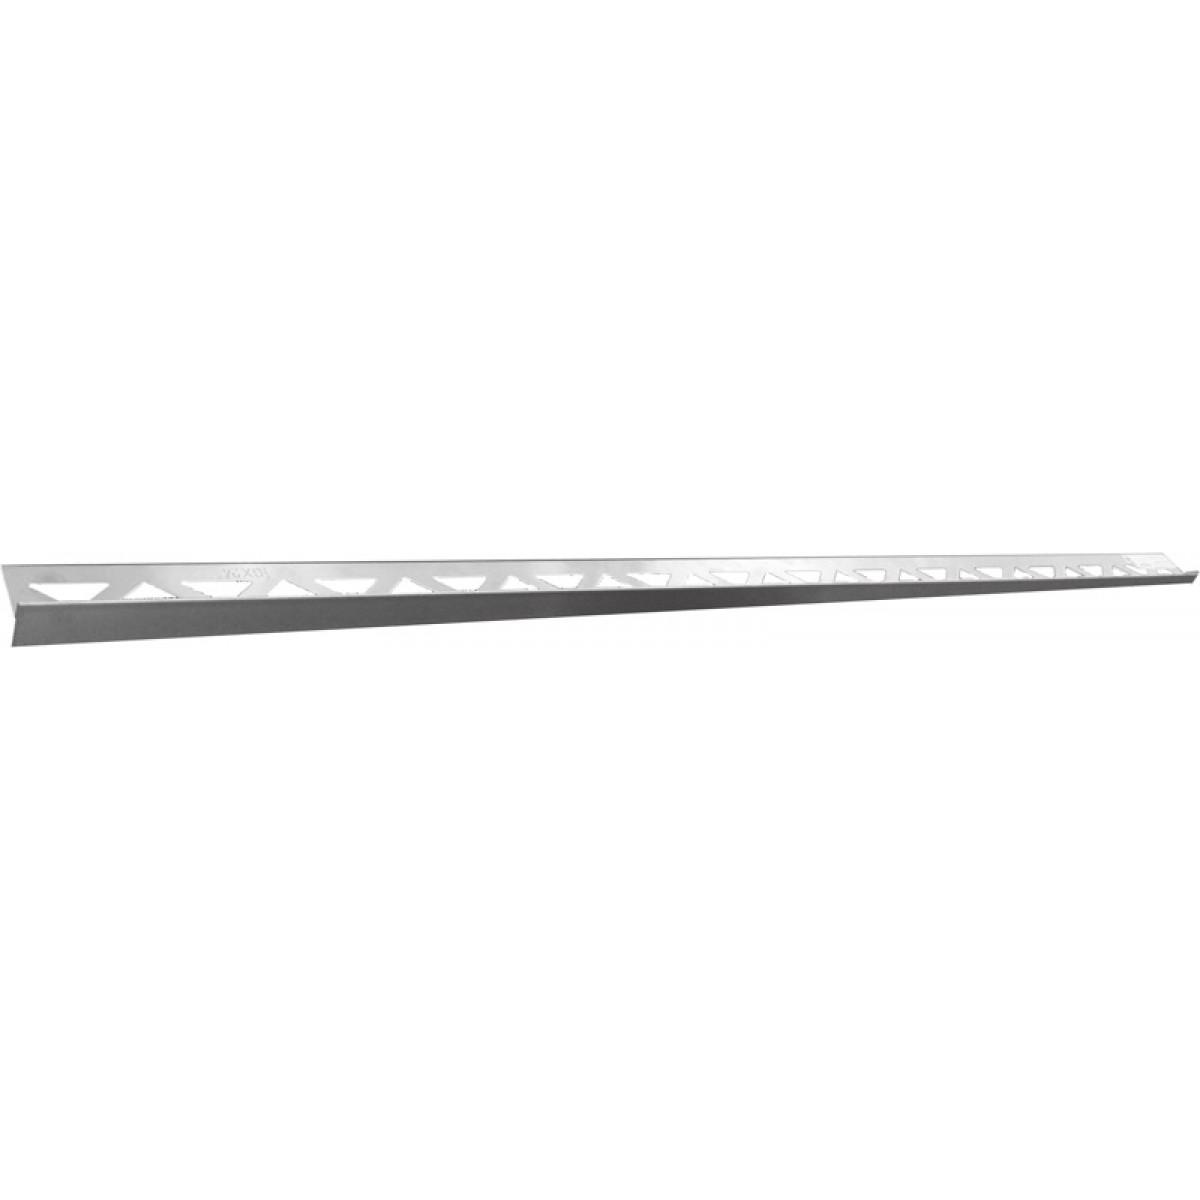 Edelstahl-Duschprofil mit Gefälle RECHTS FE-DP 148-11-32  -  11 mm / 148 cm Länge